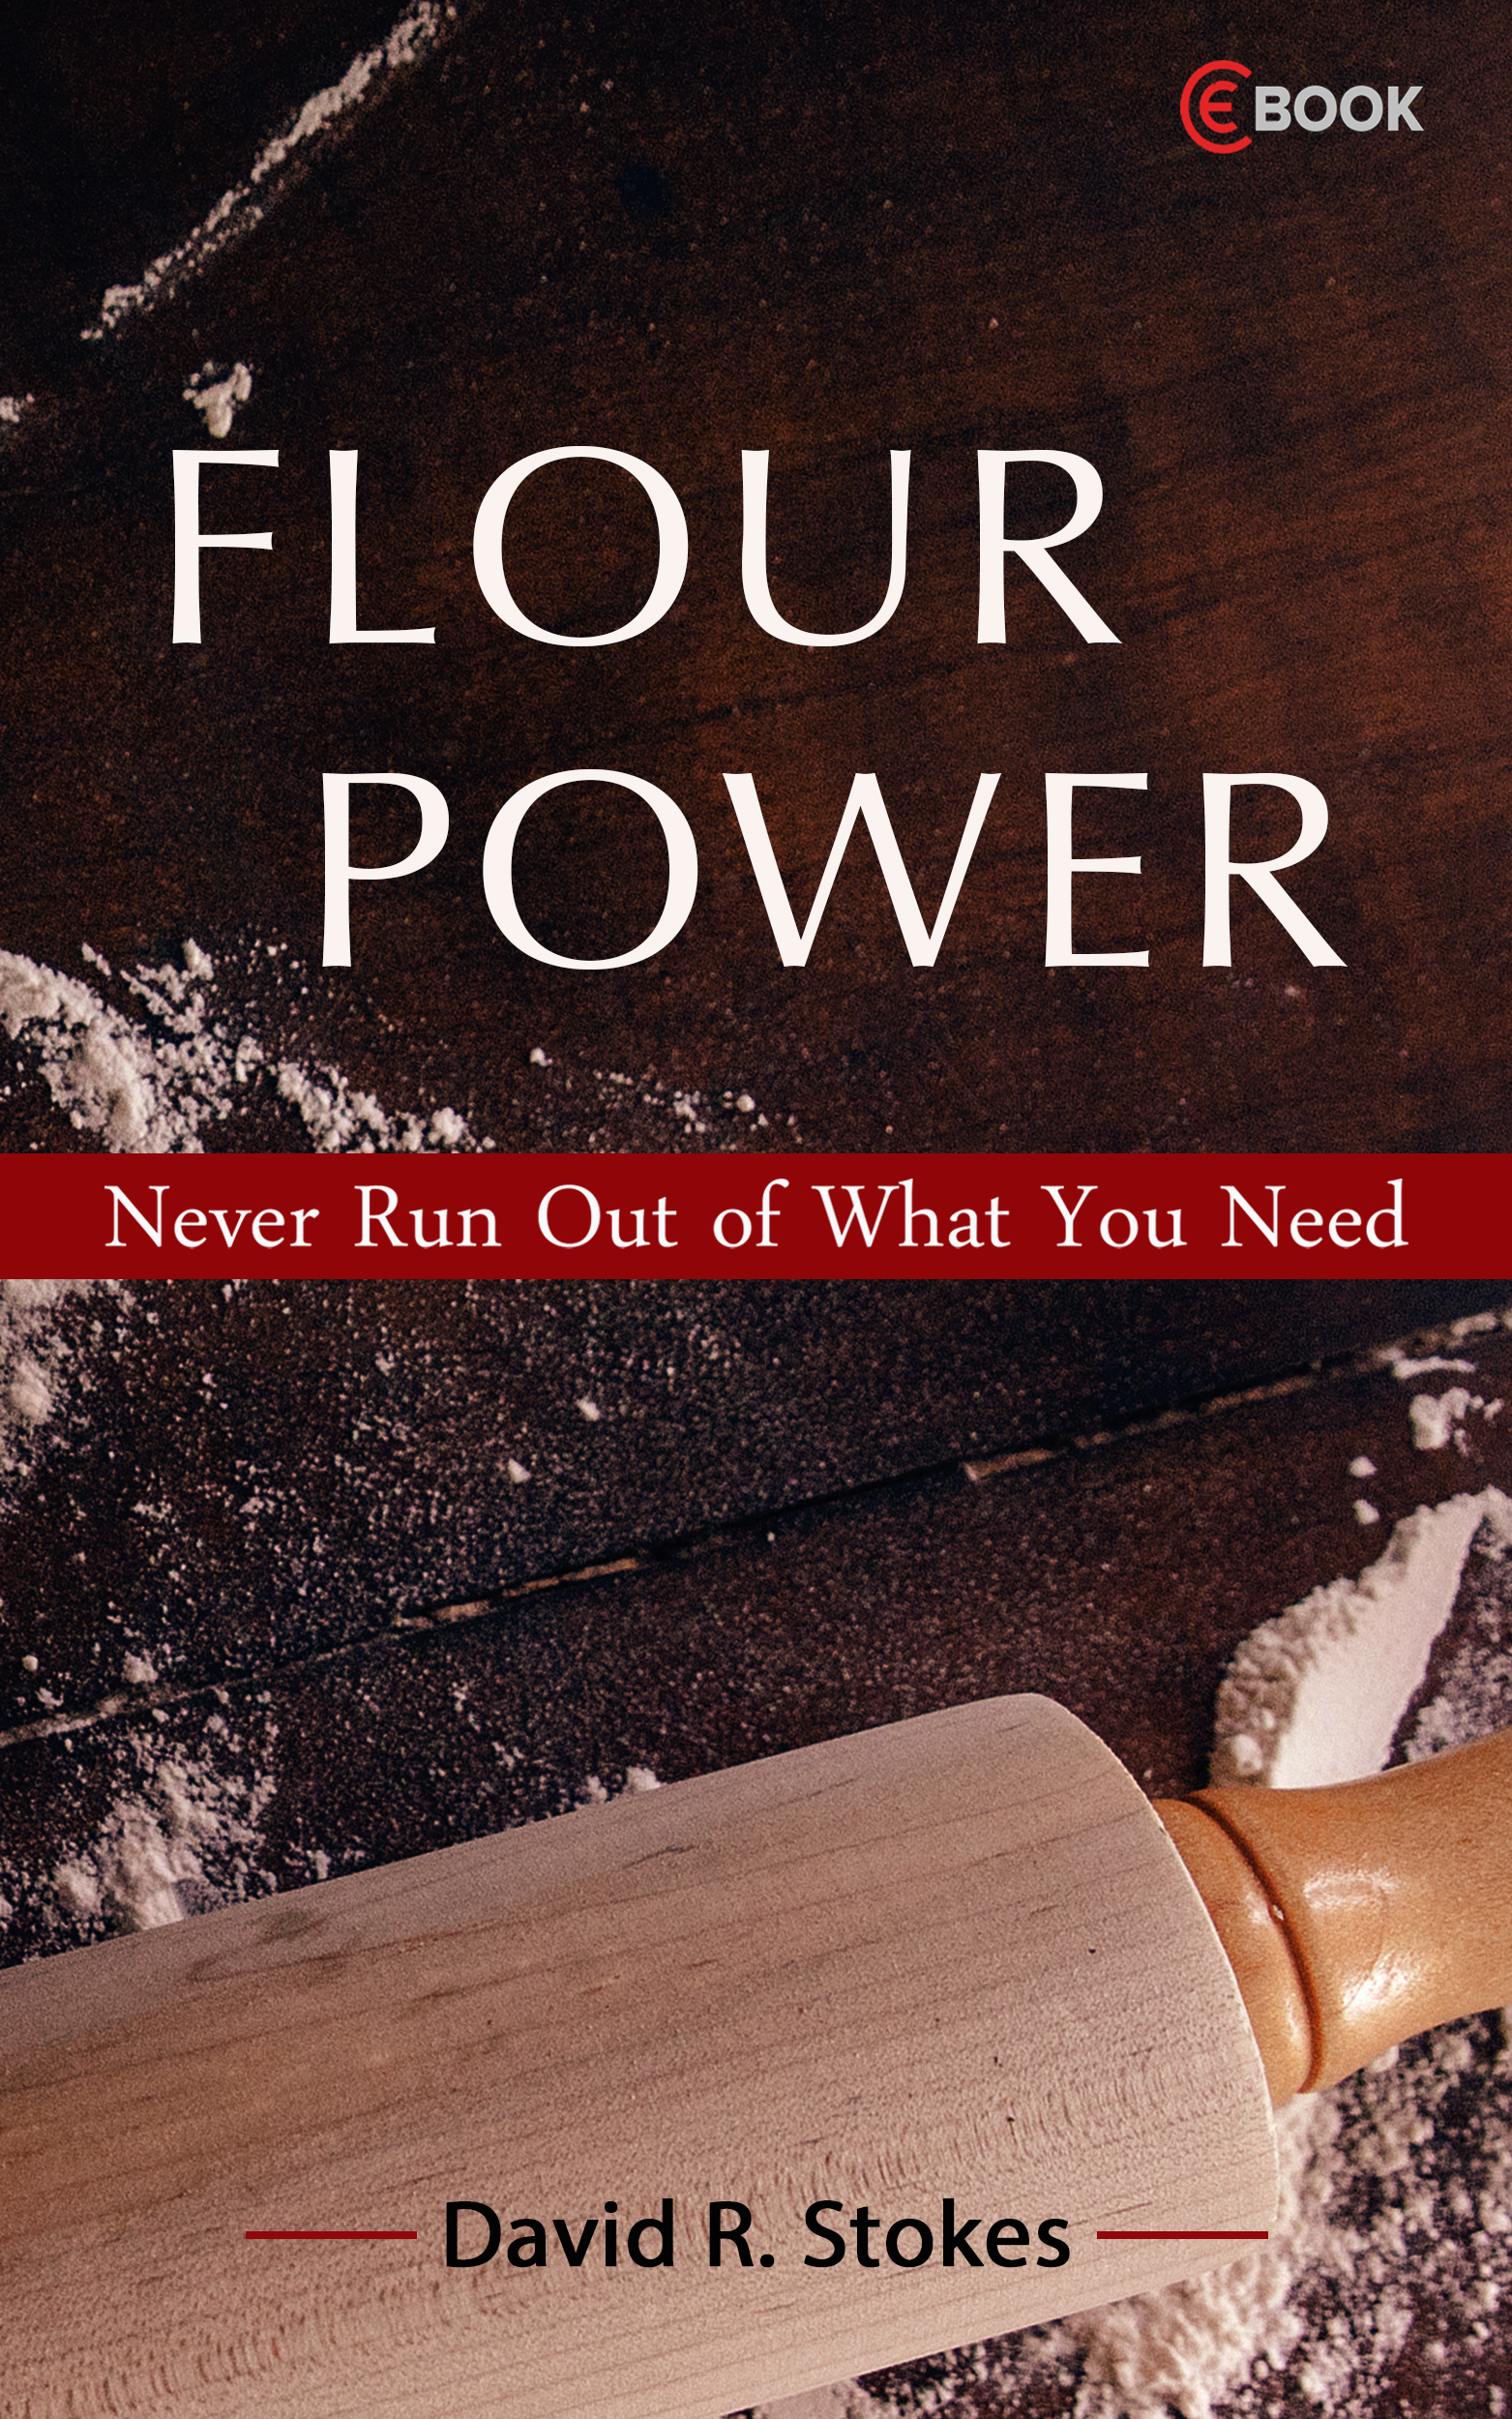 Flour Power E BOOK Cover.jpg